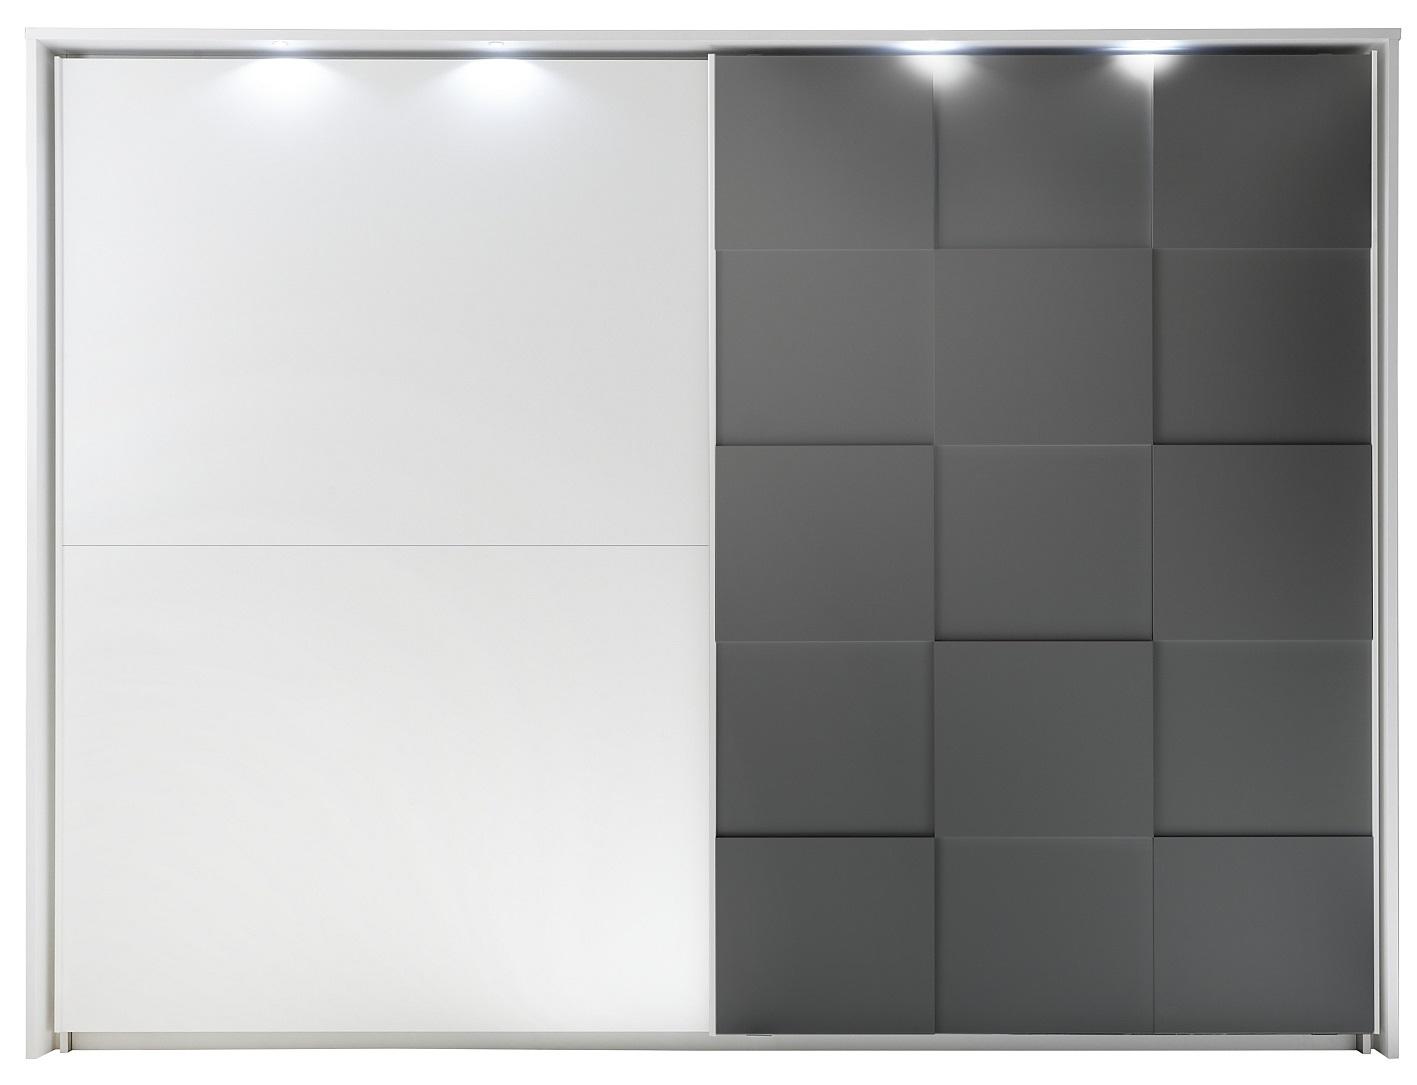 Schuifdeurkast Ottica 275 cm breed in mat wit met mat grijs